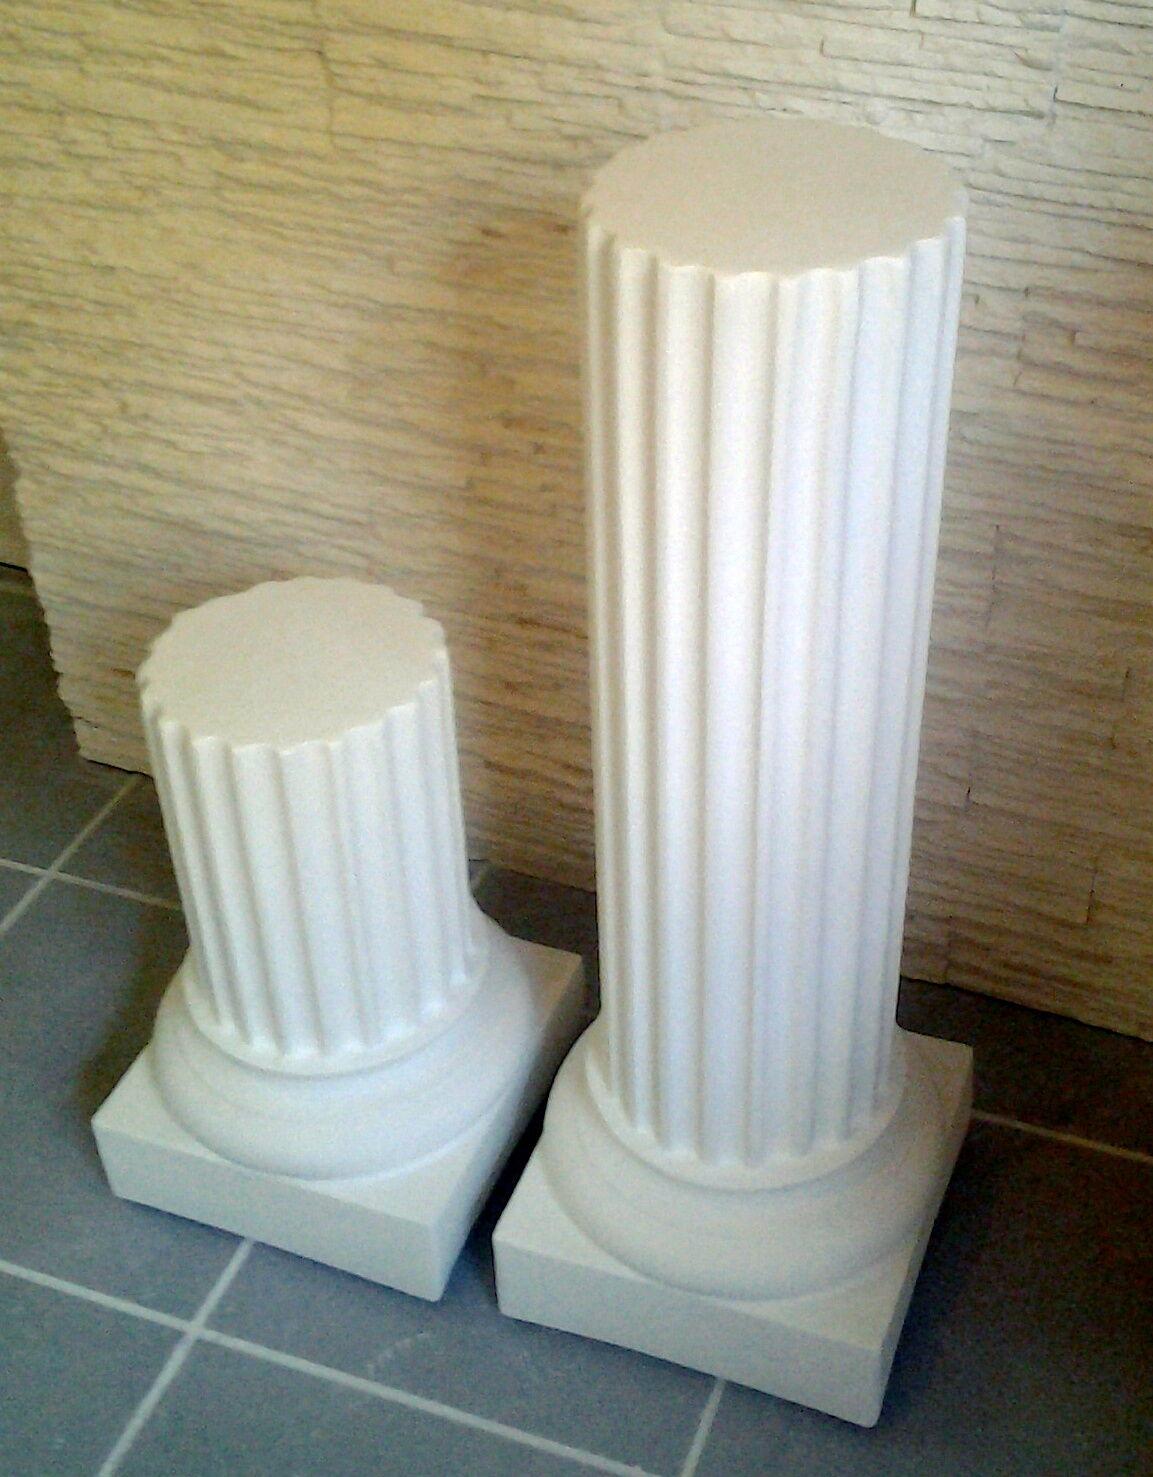 Colonne tronquée en STAFF (plâtre renforcé de fibres)support vase ou objet déco